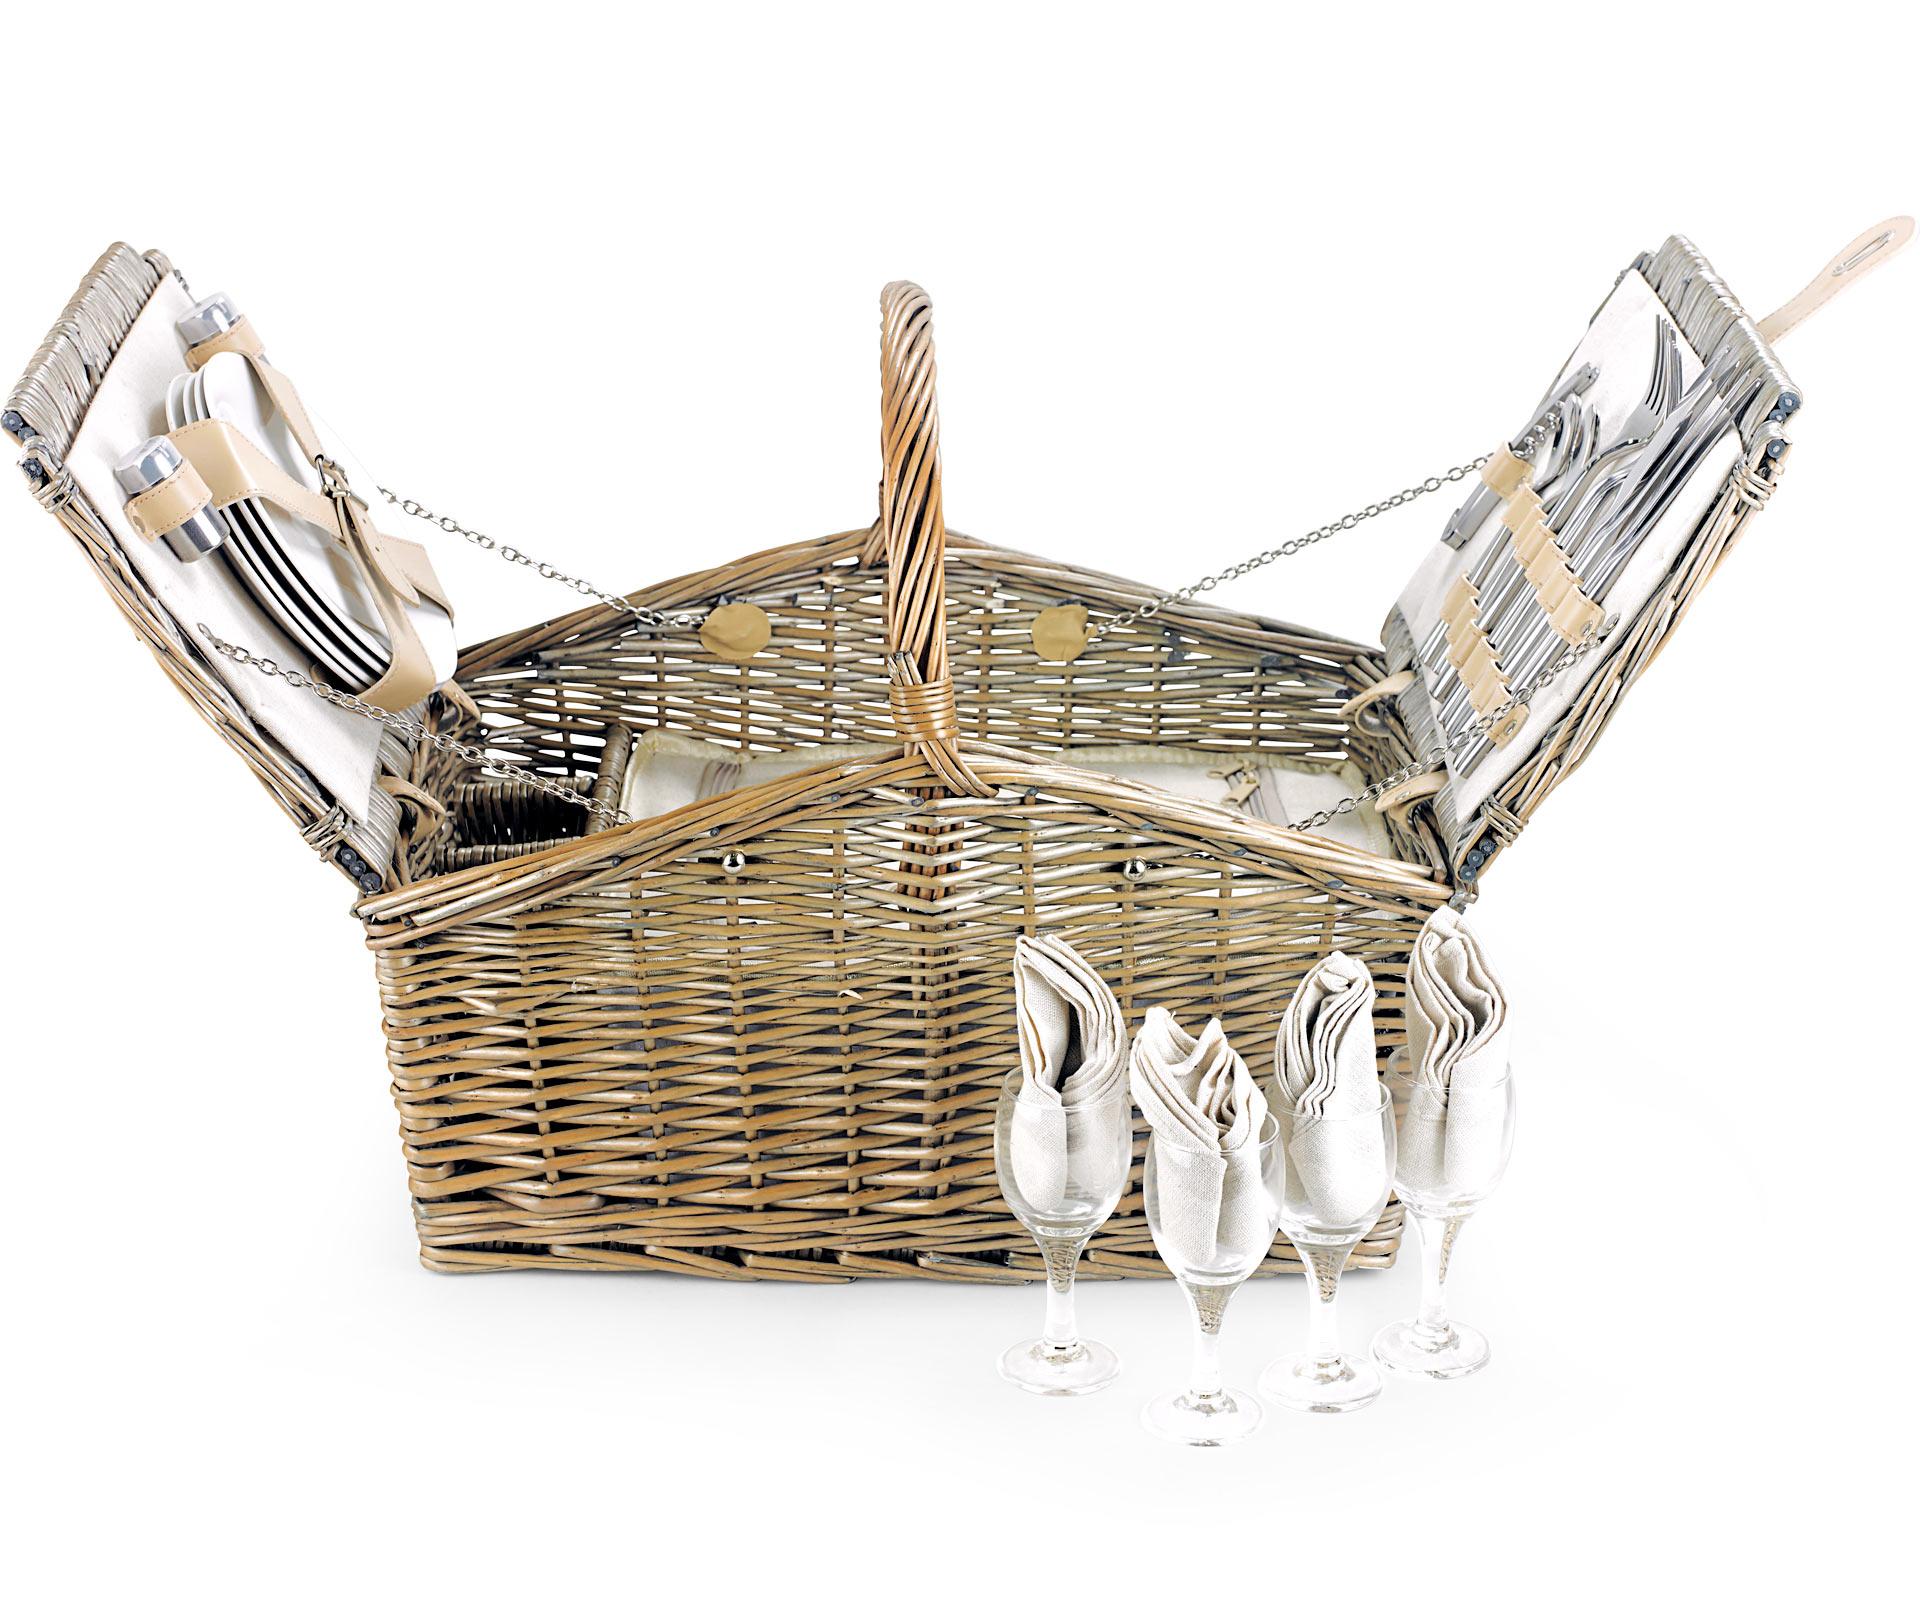 Empty Picnic Basket Double Lid Hamper 4 Person 19